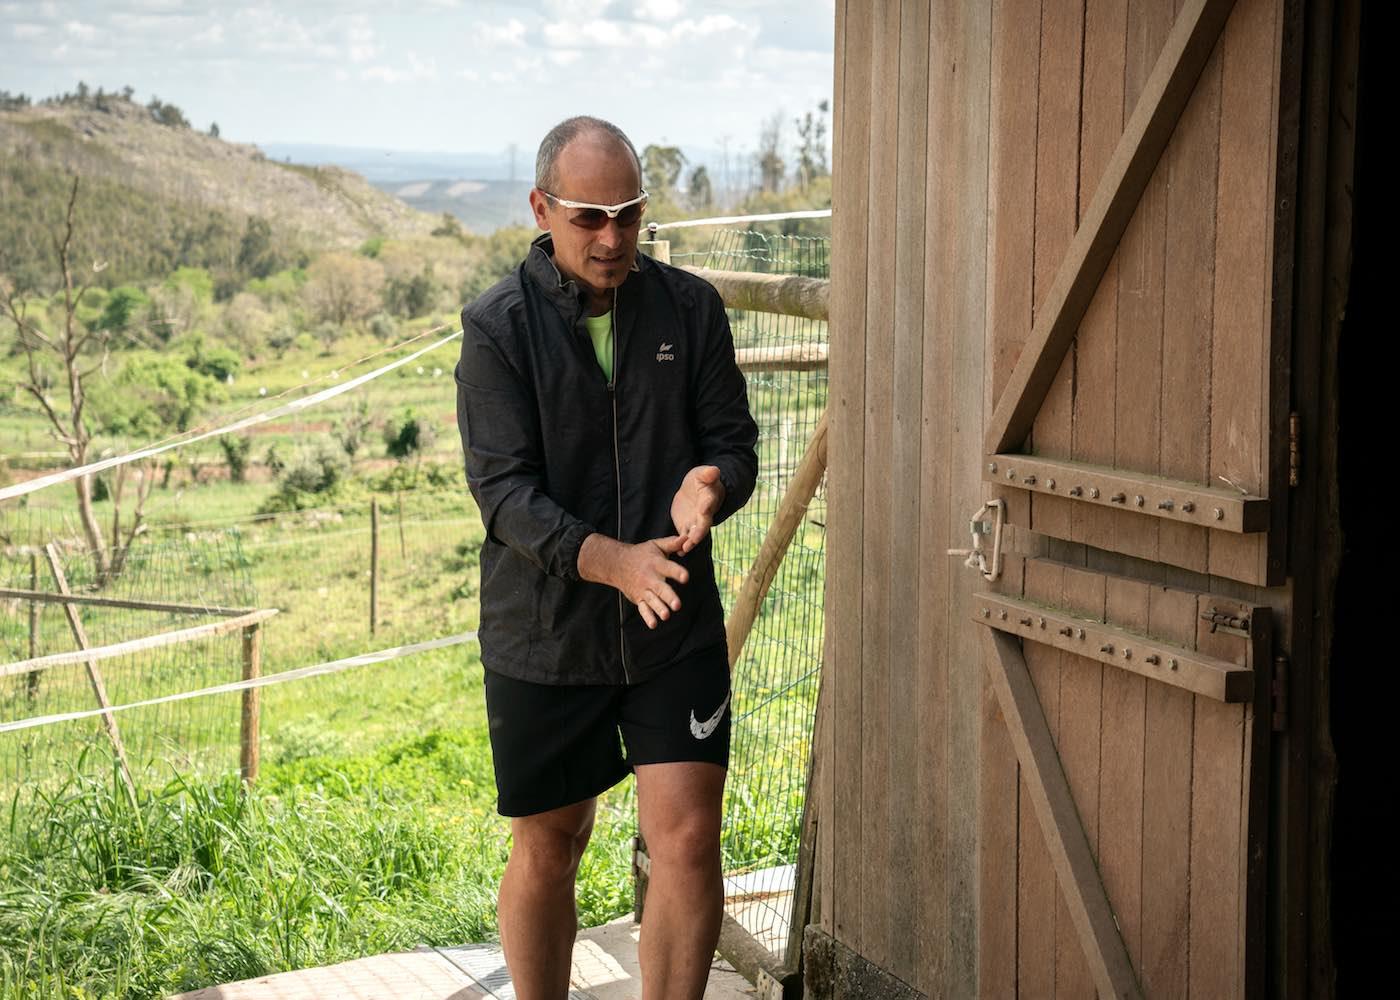 homem vestido com roupa de running